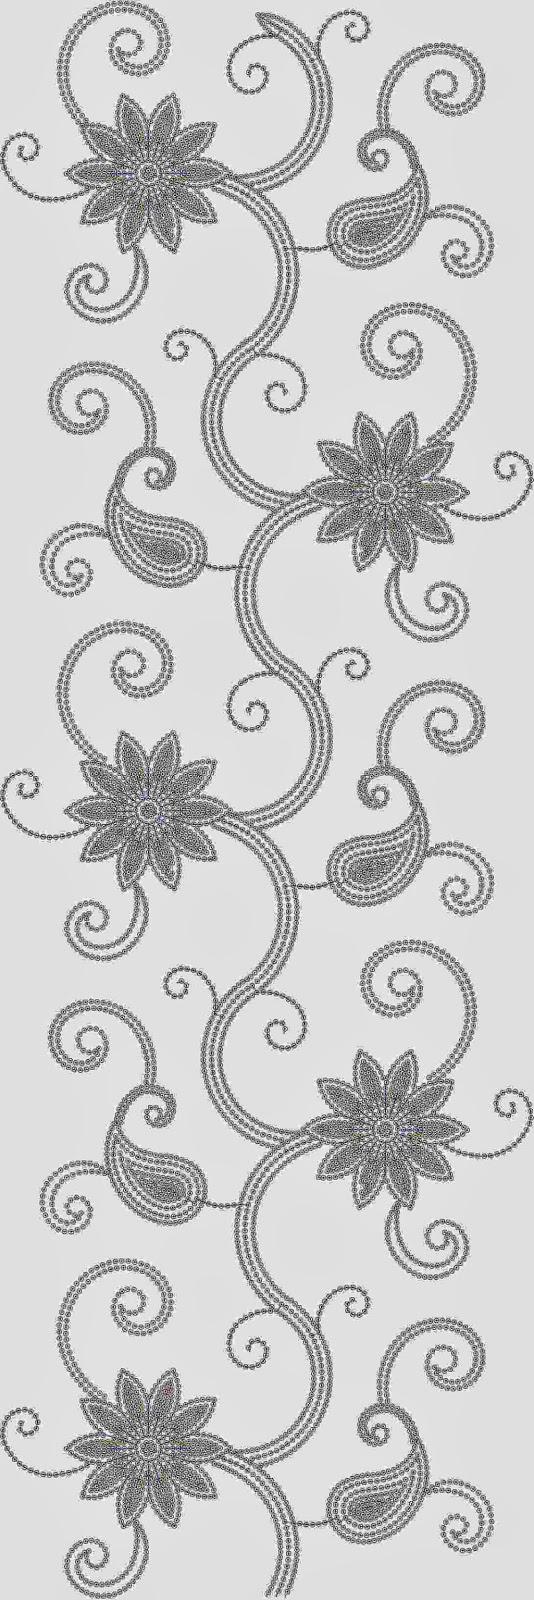 Duitse borduurwerk ontwerp Oral patroon